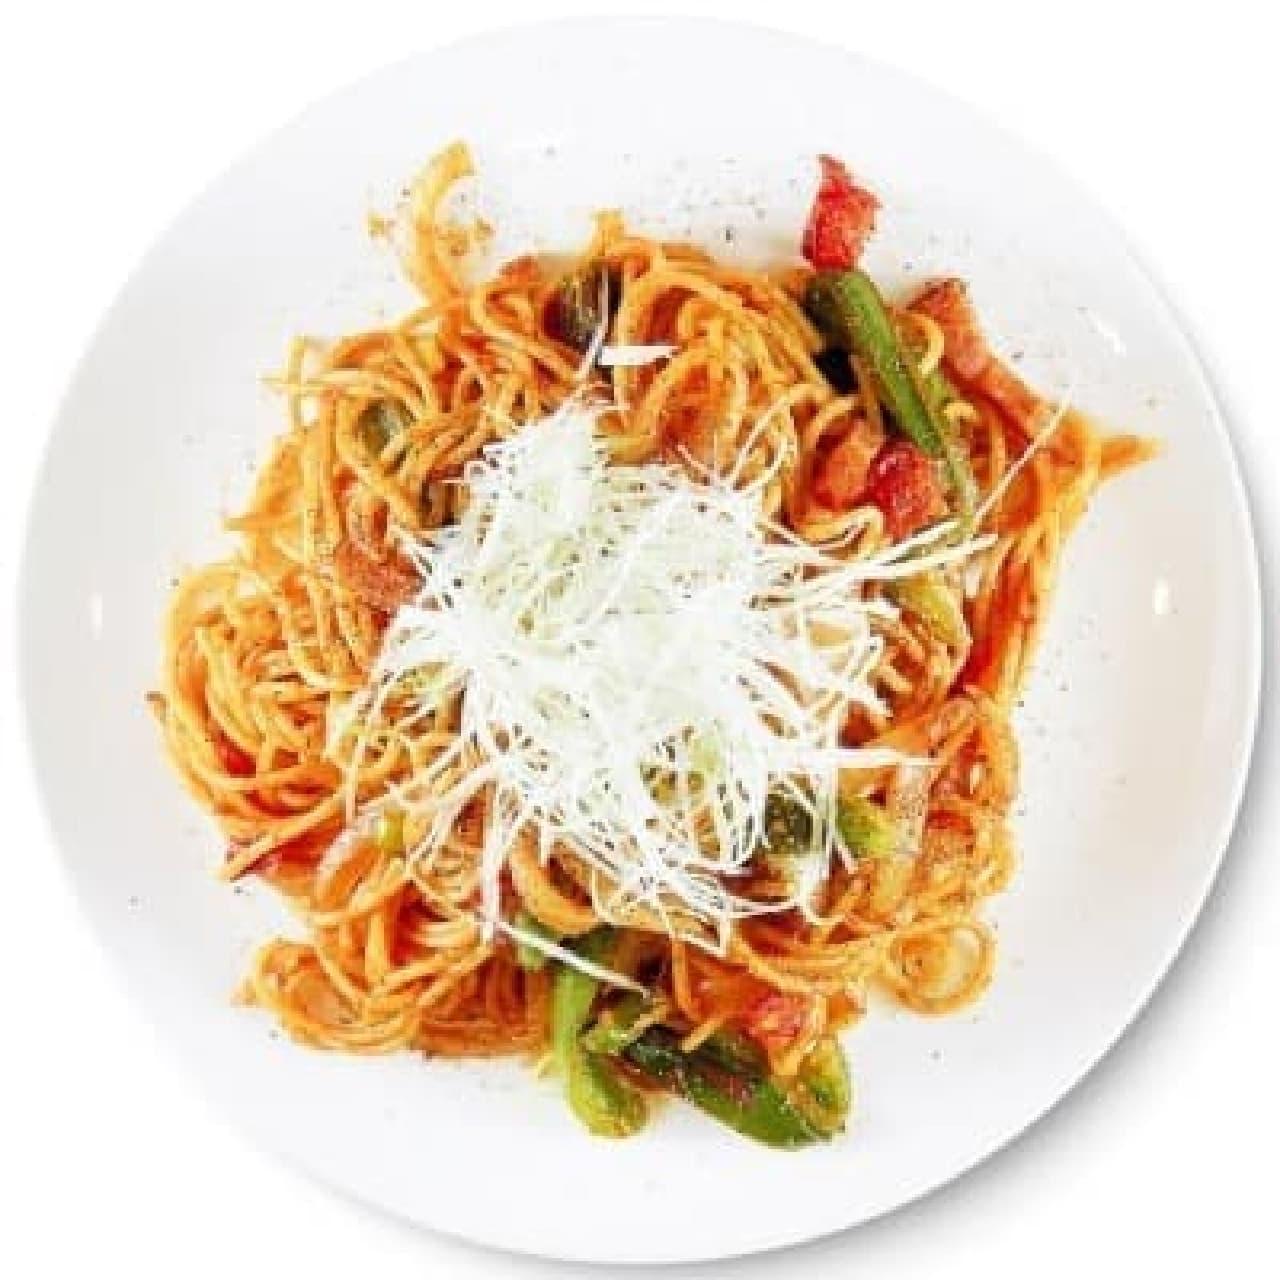 8.イタリア料理 Y(東京都)「ピリ辛大人のナポリタン」